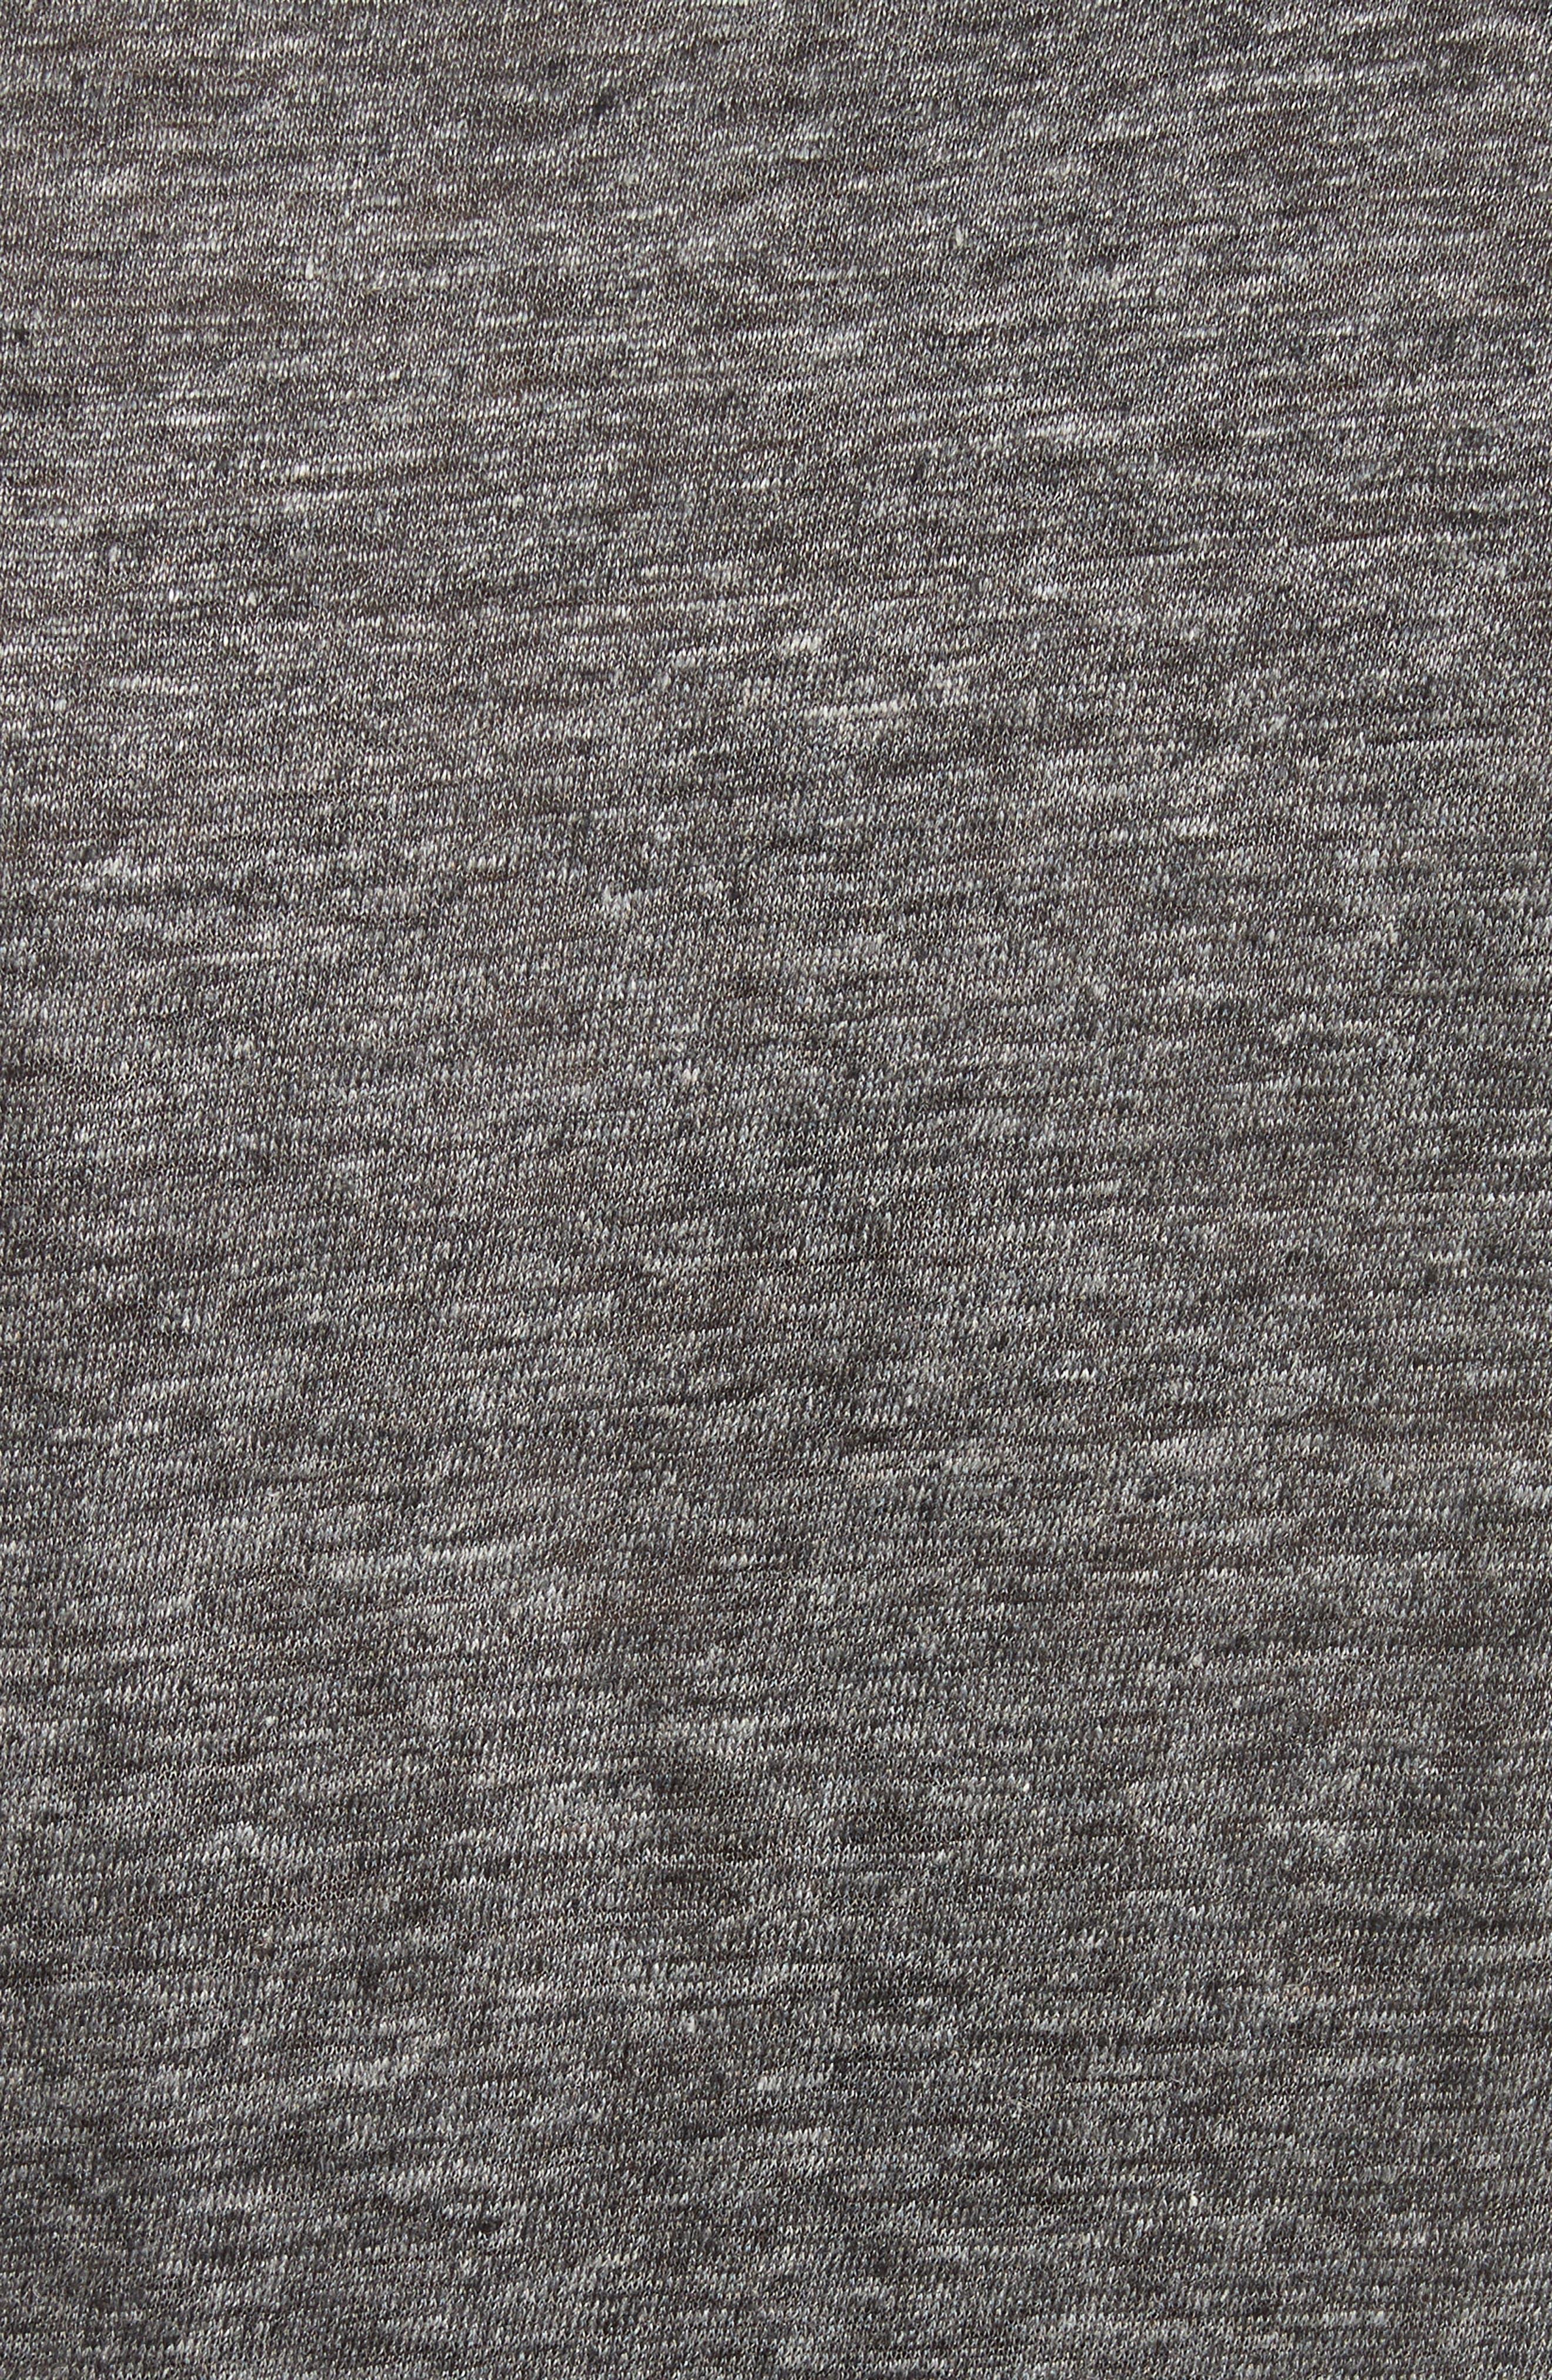 Stripe Linen Henley T-Shirt,                             Alternate thumbnail 5, color,                             014